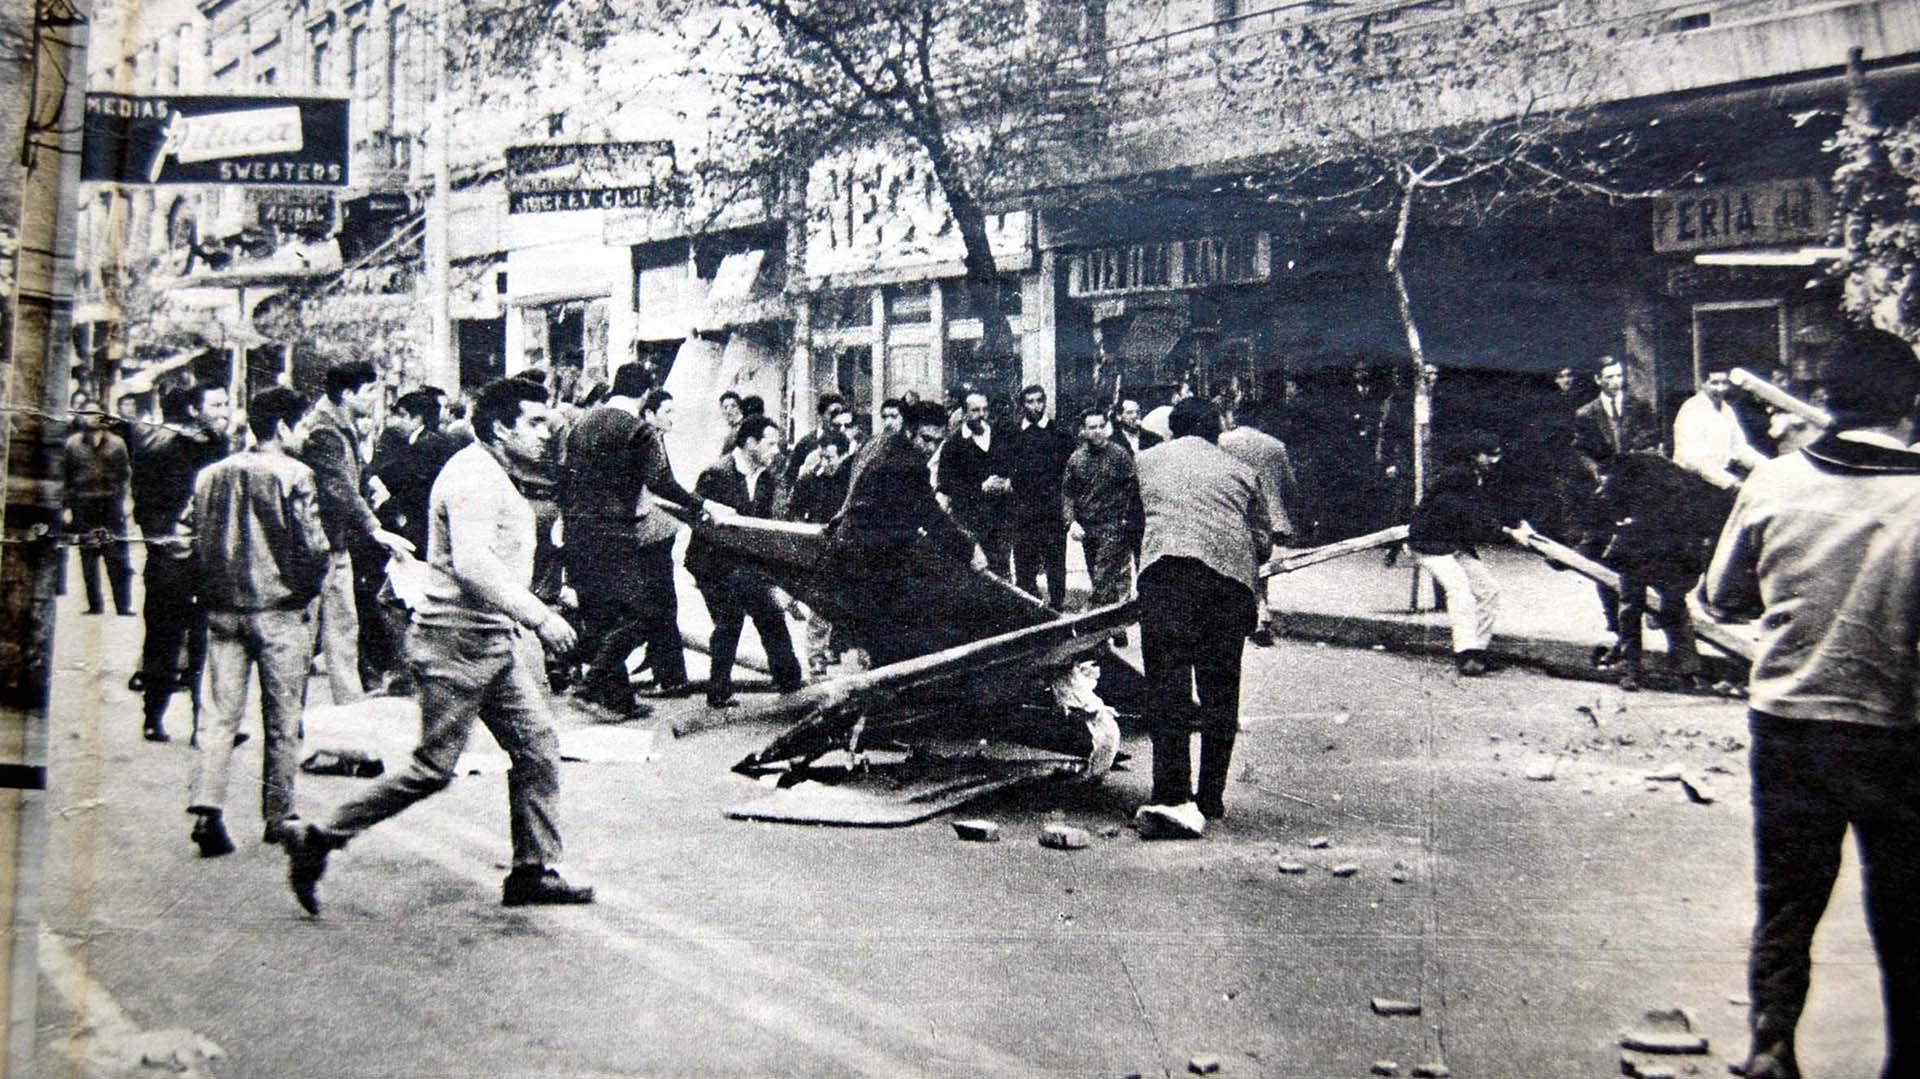 El viernes 23 de mayo de 1969 se produjo un paro con adhesión masiva decretado por la CGT de Santa Fe (Télam)